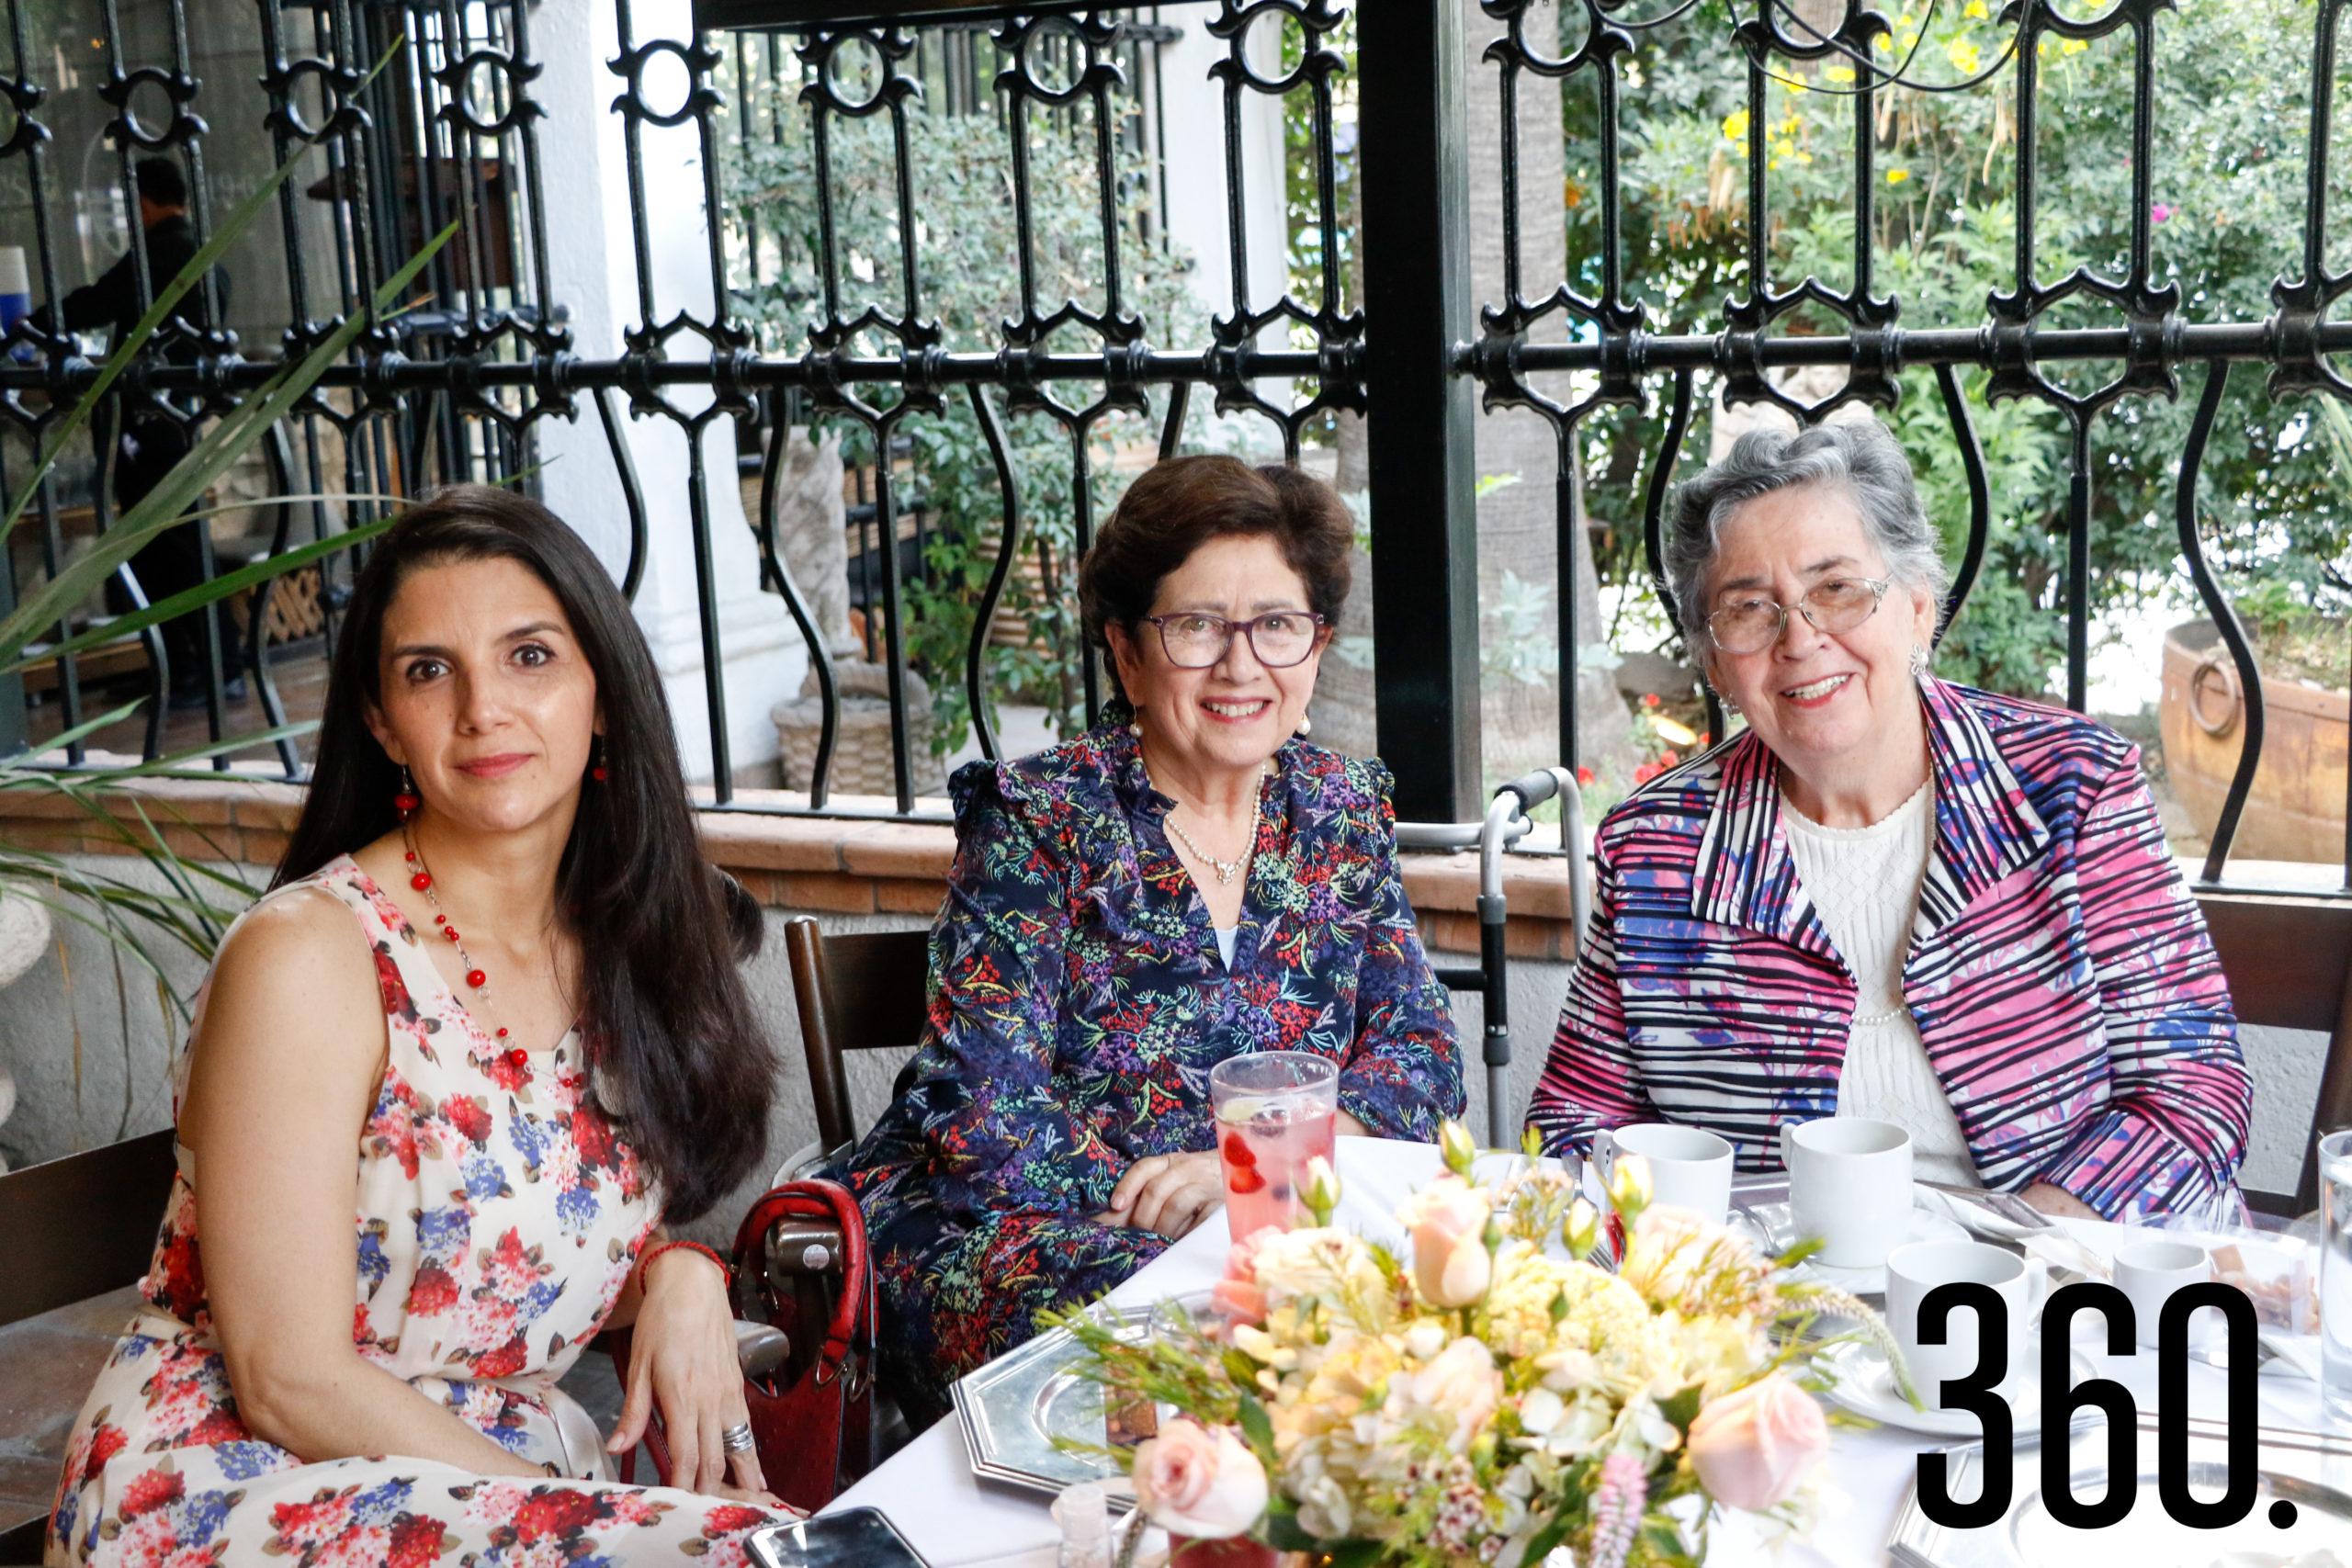 Marisol Flores, Leticia Prado y Leticia Delgado de Prado.